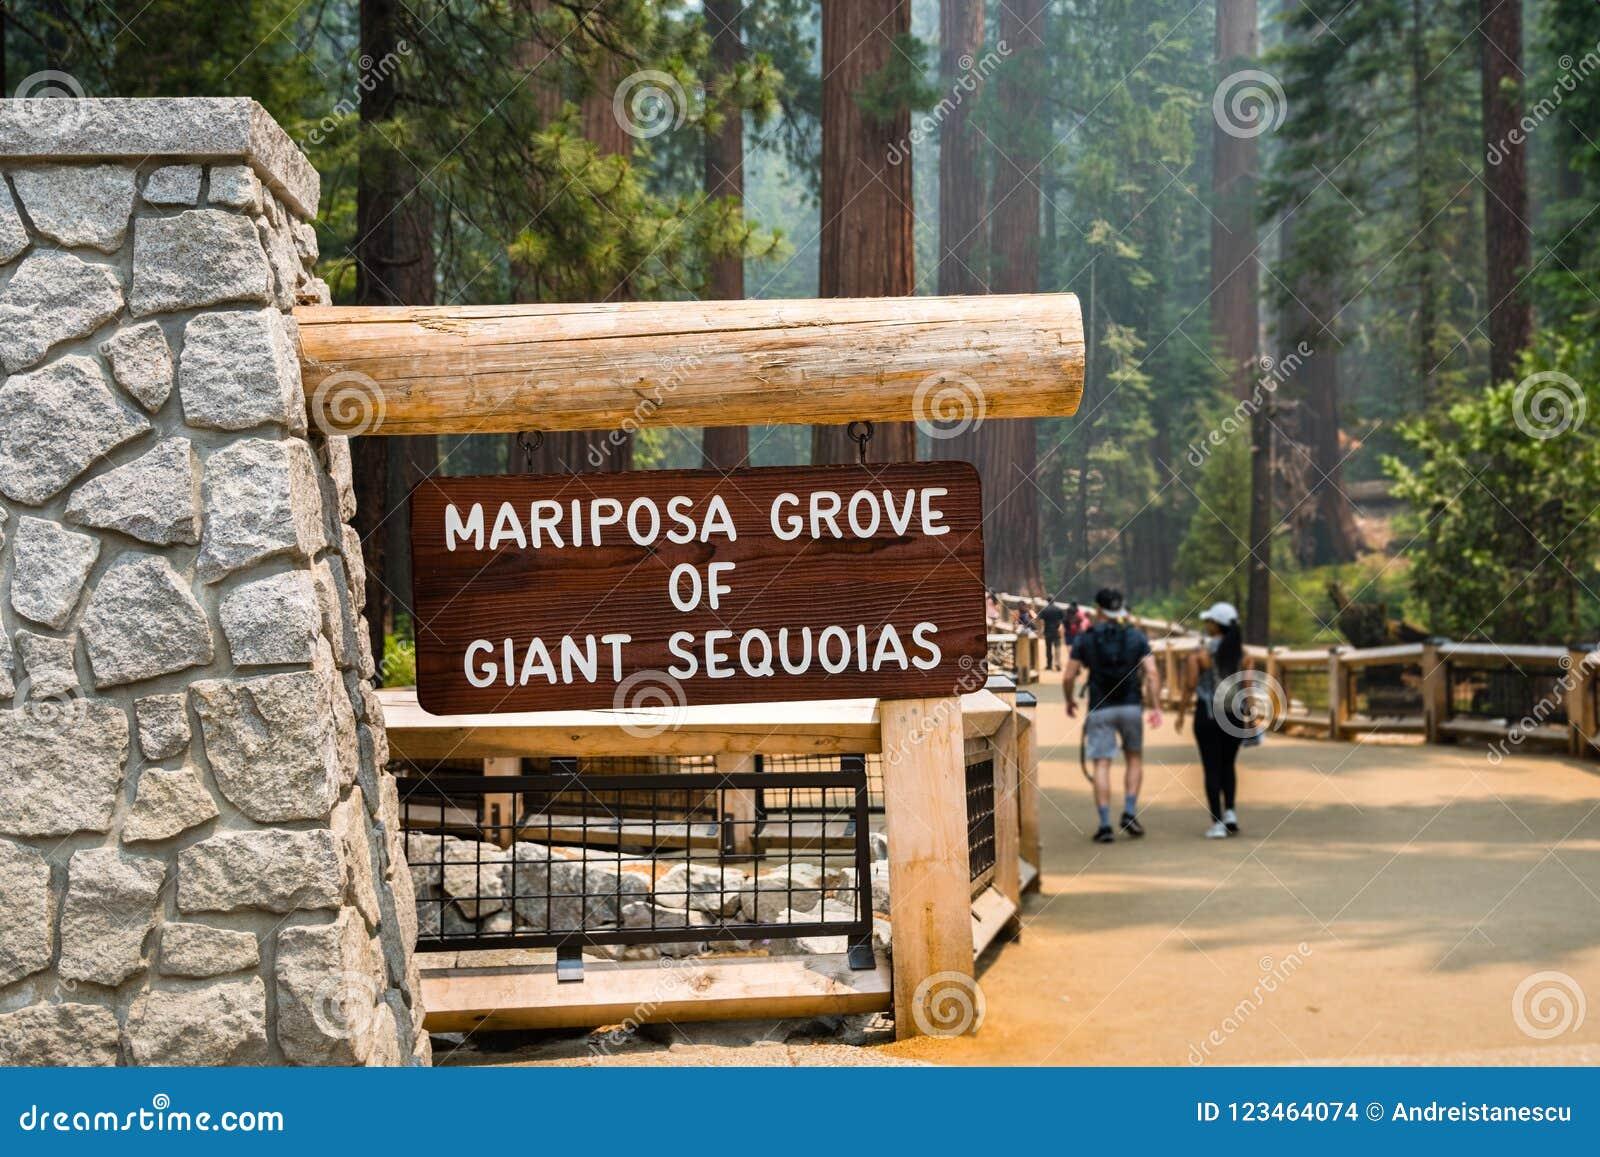 Bosque de sequoias gigantes, parque nacional de Mariposa de Yosemite